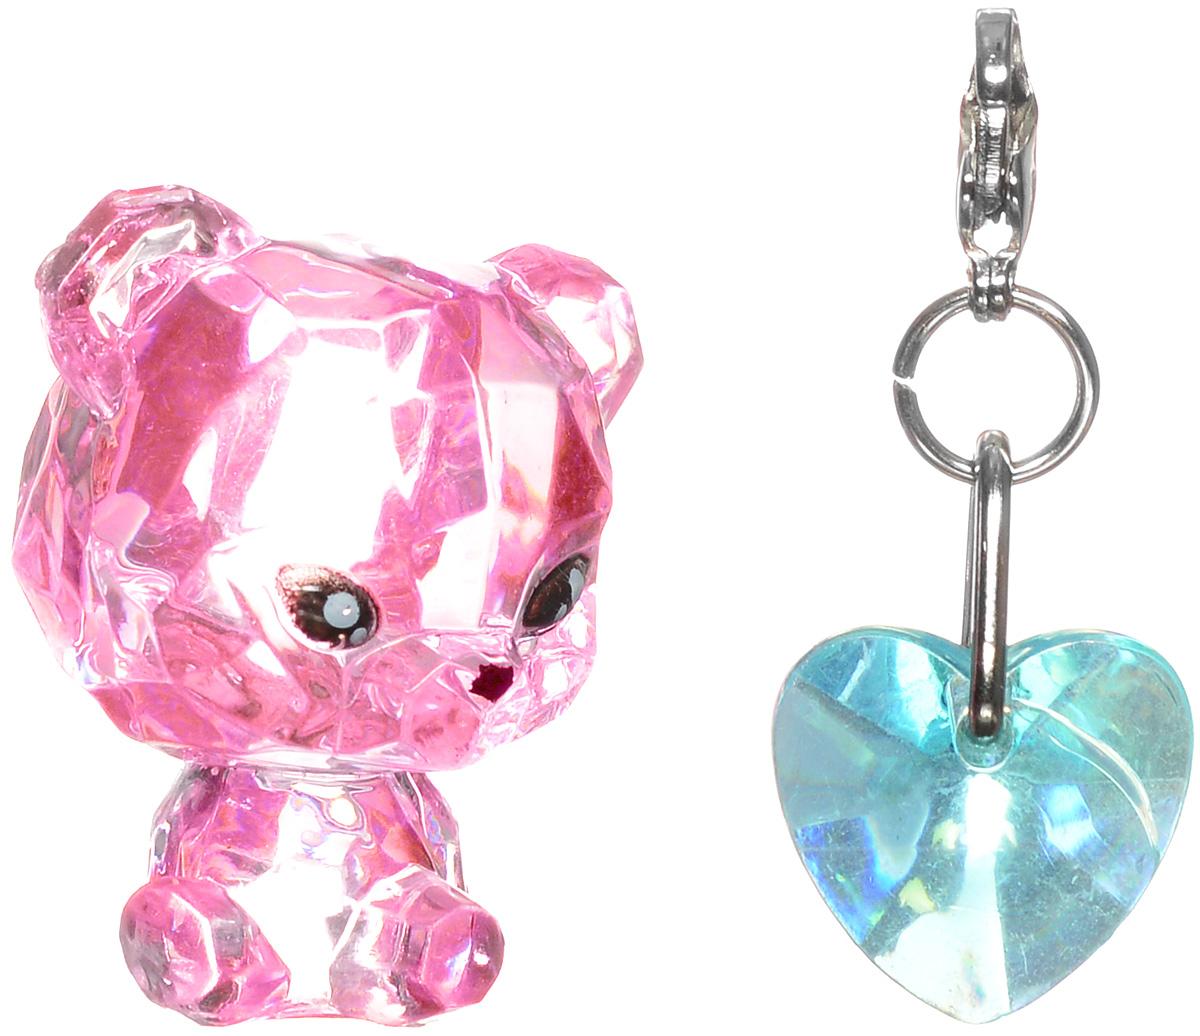 Crystal Surprise Фигурка Панда Twinkles цвет розовый45706_розовыйСамые искристые, самые сияющие малютки-зверюшки собрались здесь, чтобы принести вам удачу! Когда на небе встает солнце вдогонку тающей луне, появляются зверьки Crystal Surprise. Возьмите их в руку - и почувствуете, как они приносят удачу. У каждого зверька Crystal Surprise есть свое предназначение, каждый из них станет вашим талисманом. Носите, дарите их. Соберите их всех, чтобы умножить их магические способности! Предназначение фигурки Crystal Surprise Панда Twinkles - мир. Благодаря этой панде вокруг вас всегда будет мир, а вы будете повсюду нести за собой веселье. Девиз талисмана: Я мир приношу, я от счастья сияю, и радостным светом ваш путь озаряю! В набор также входит подвеска на удачу!